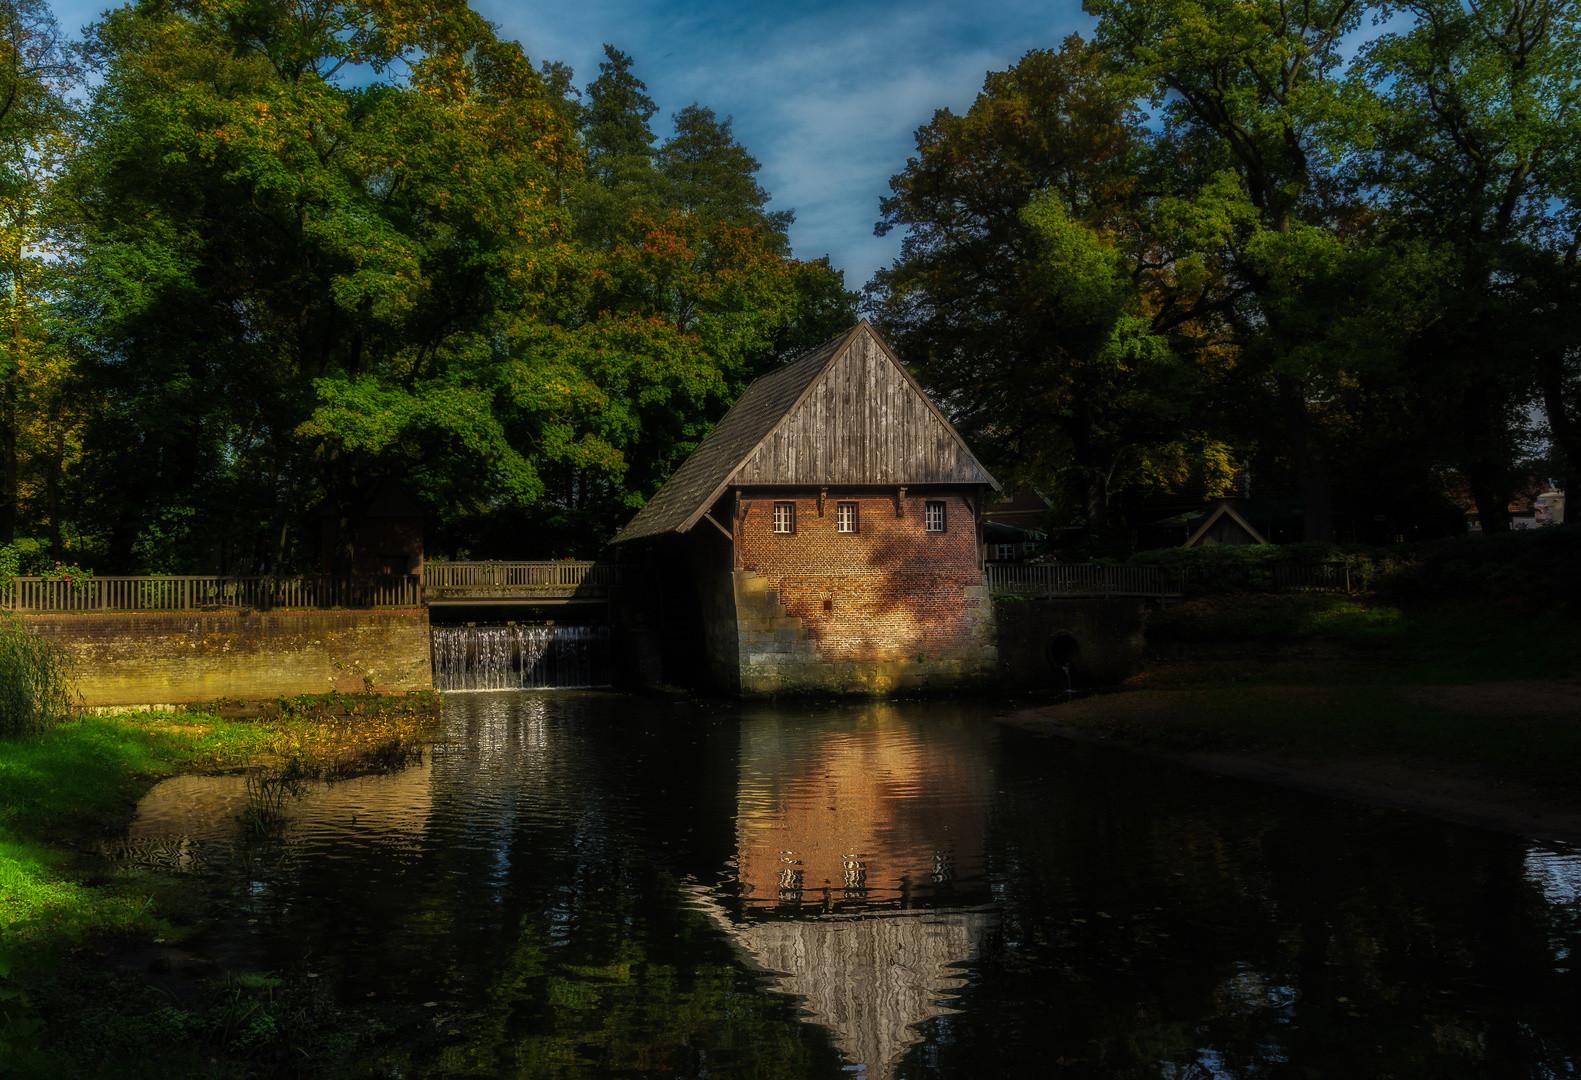 Es Klappert Die Mühle Am Rauschenden Bach  klappert Mühle am rauschenden Bach Foto & Bild